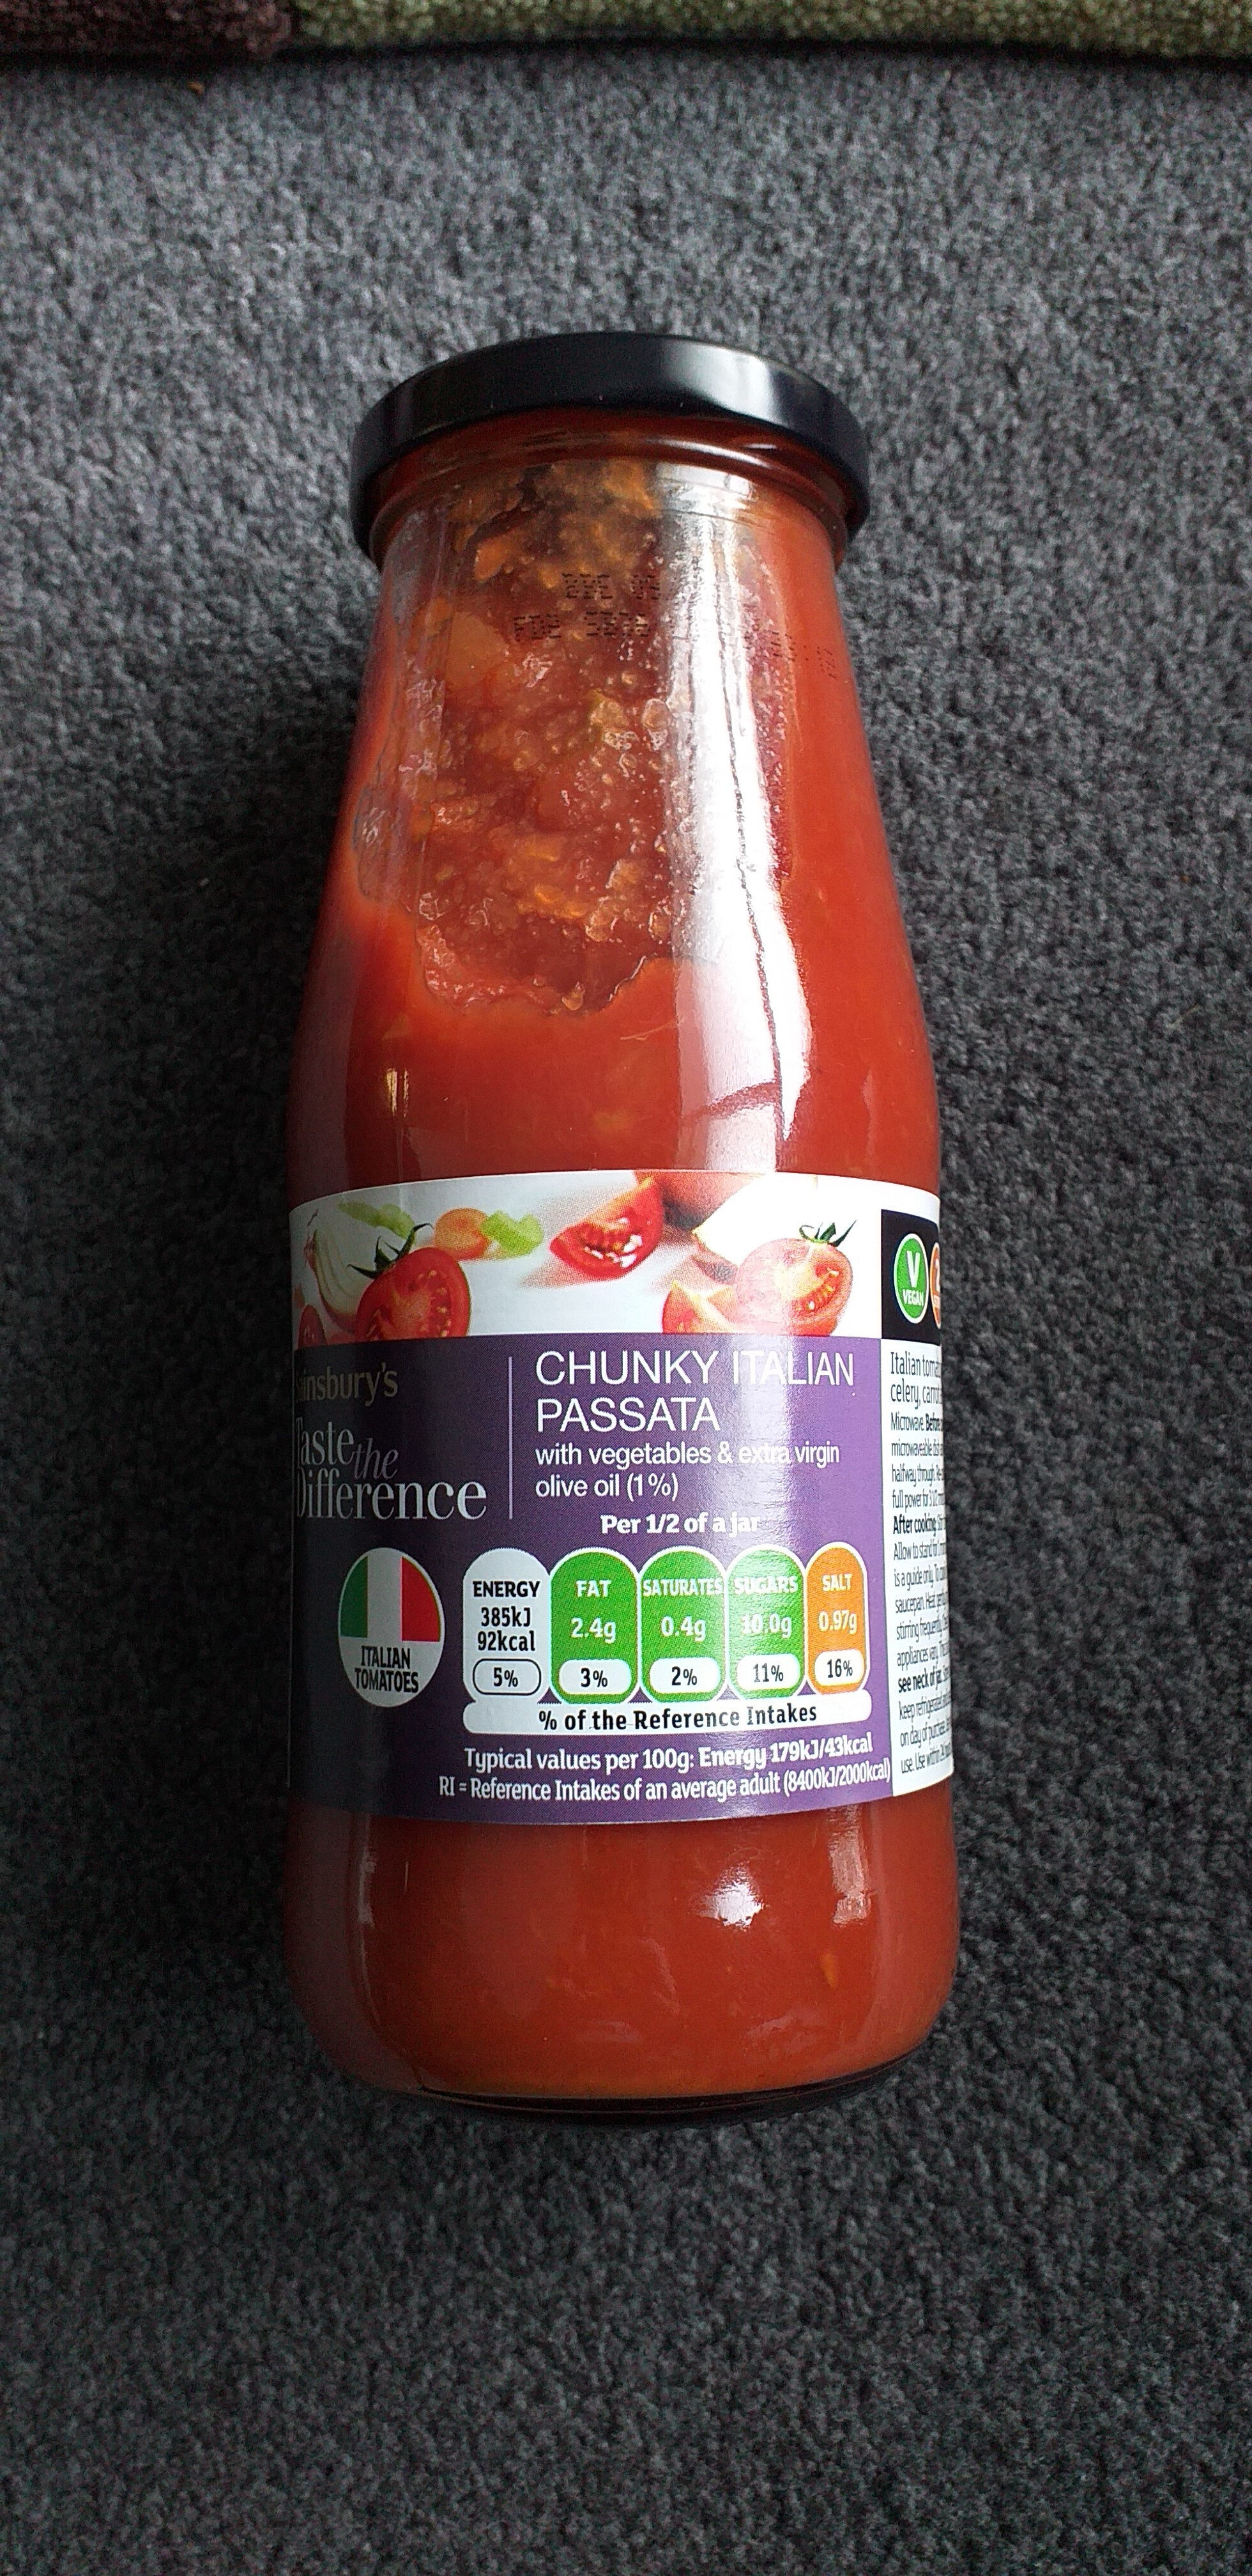 Chunky Italian Passata - Product